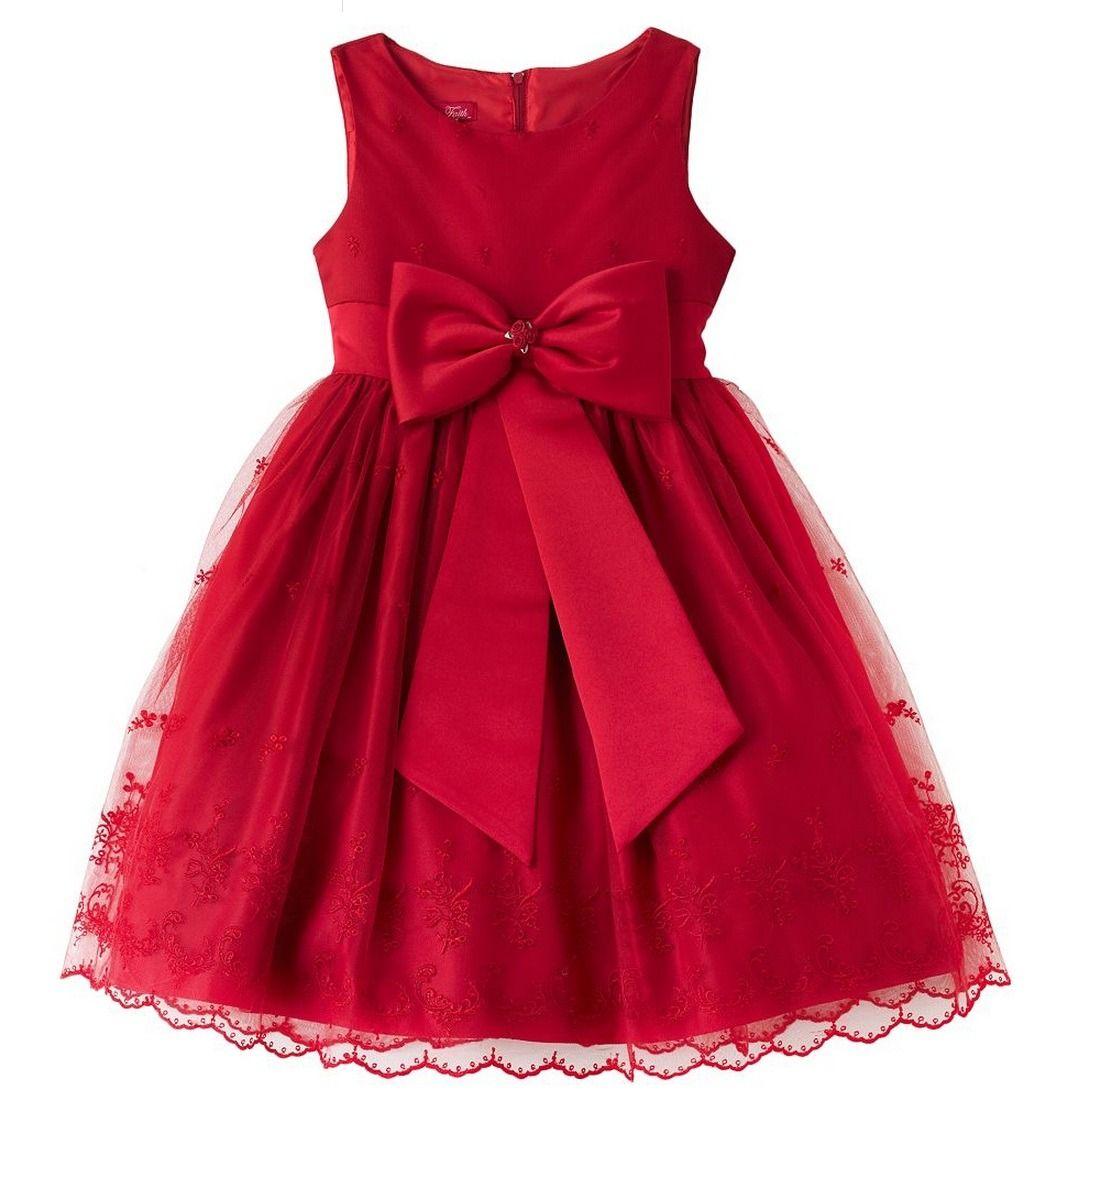 Vestido De Festa Princess 2 Anos   vestidos infantis 1 a 2 anos ... b52f8d255e